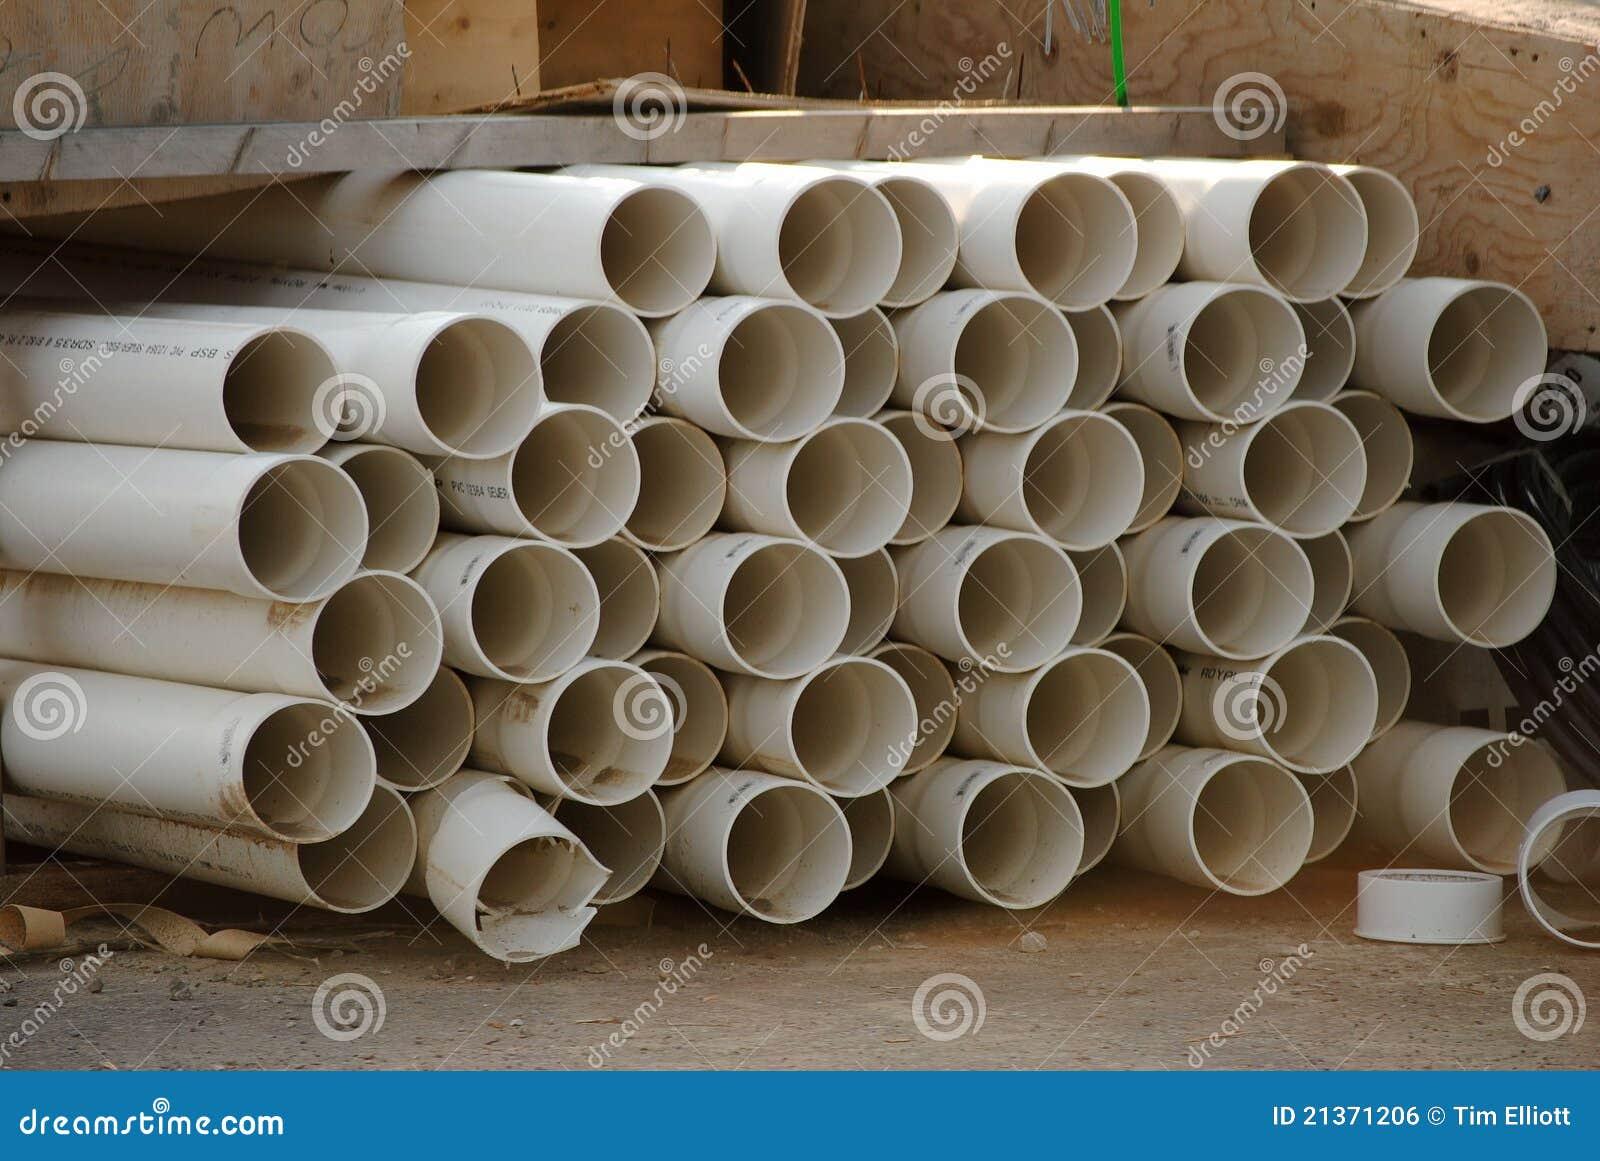 Tubi di plastica bianchi immagine stock libera da diritti for Tipi di tubi idraulici in plastica